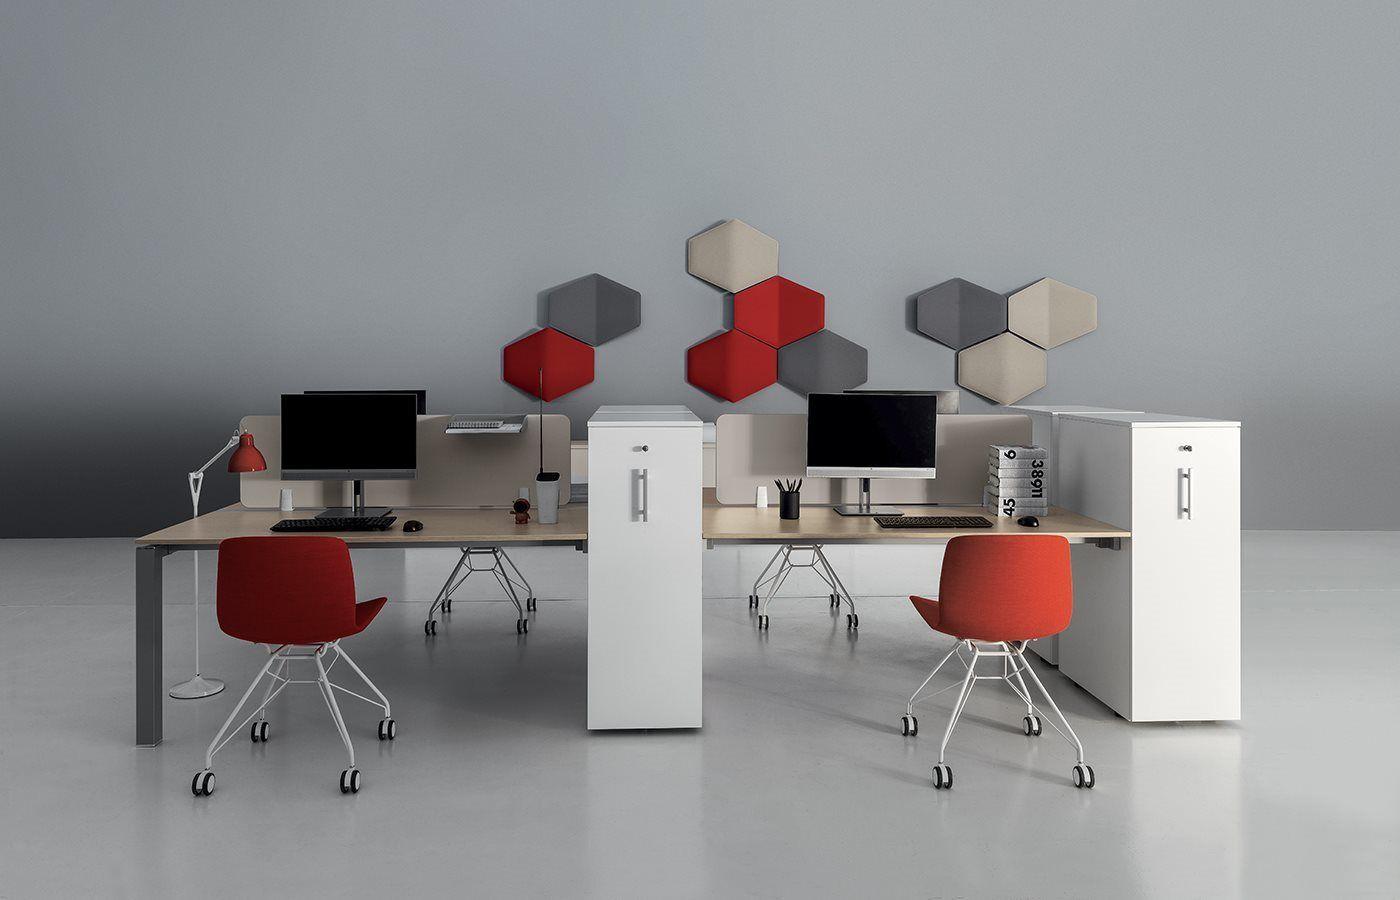 Forniture Mobili Per Ufficio.Dvo S P A Mobili E Forniture Di Design Per Ufficio Diseno